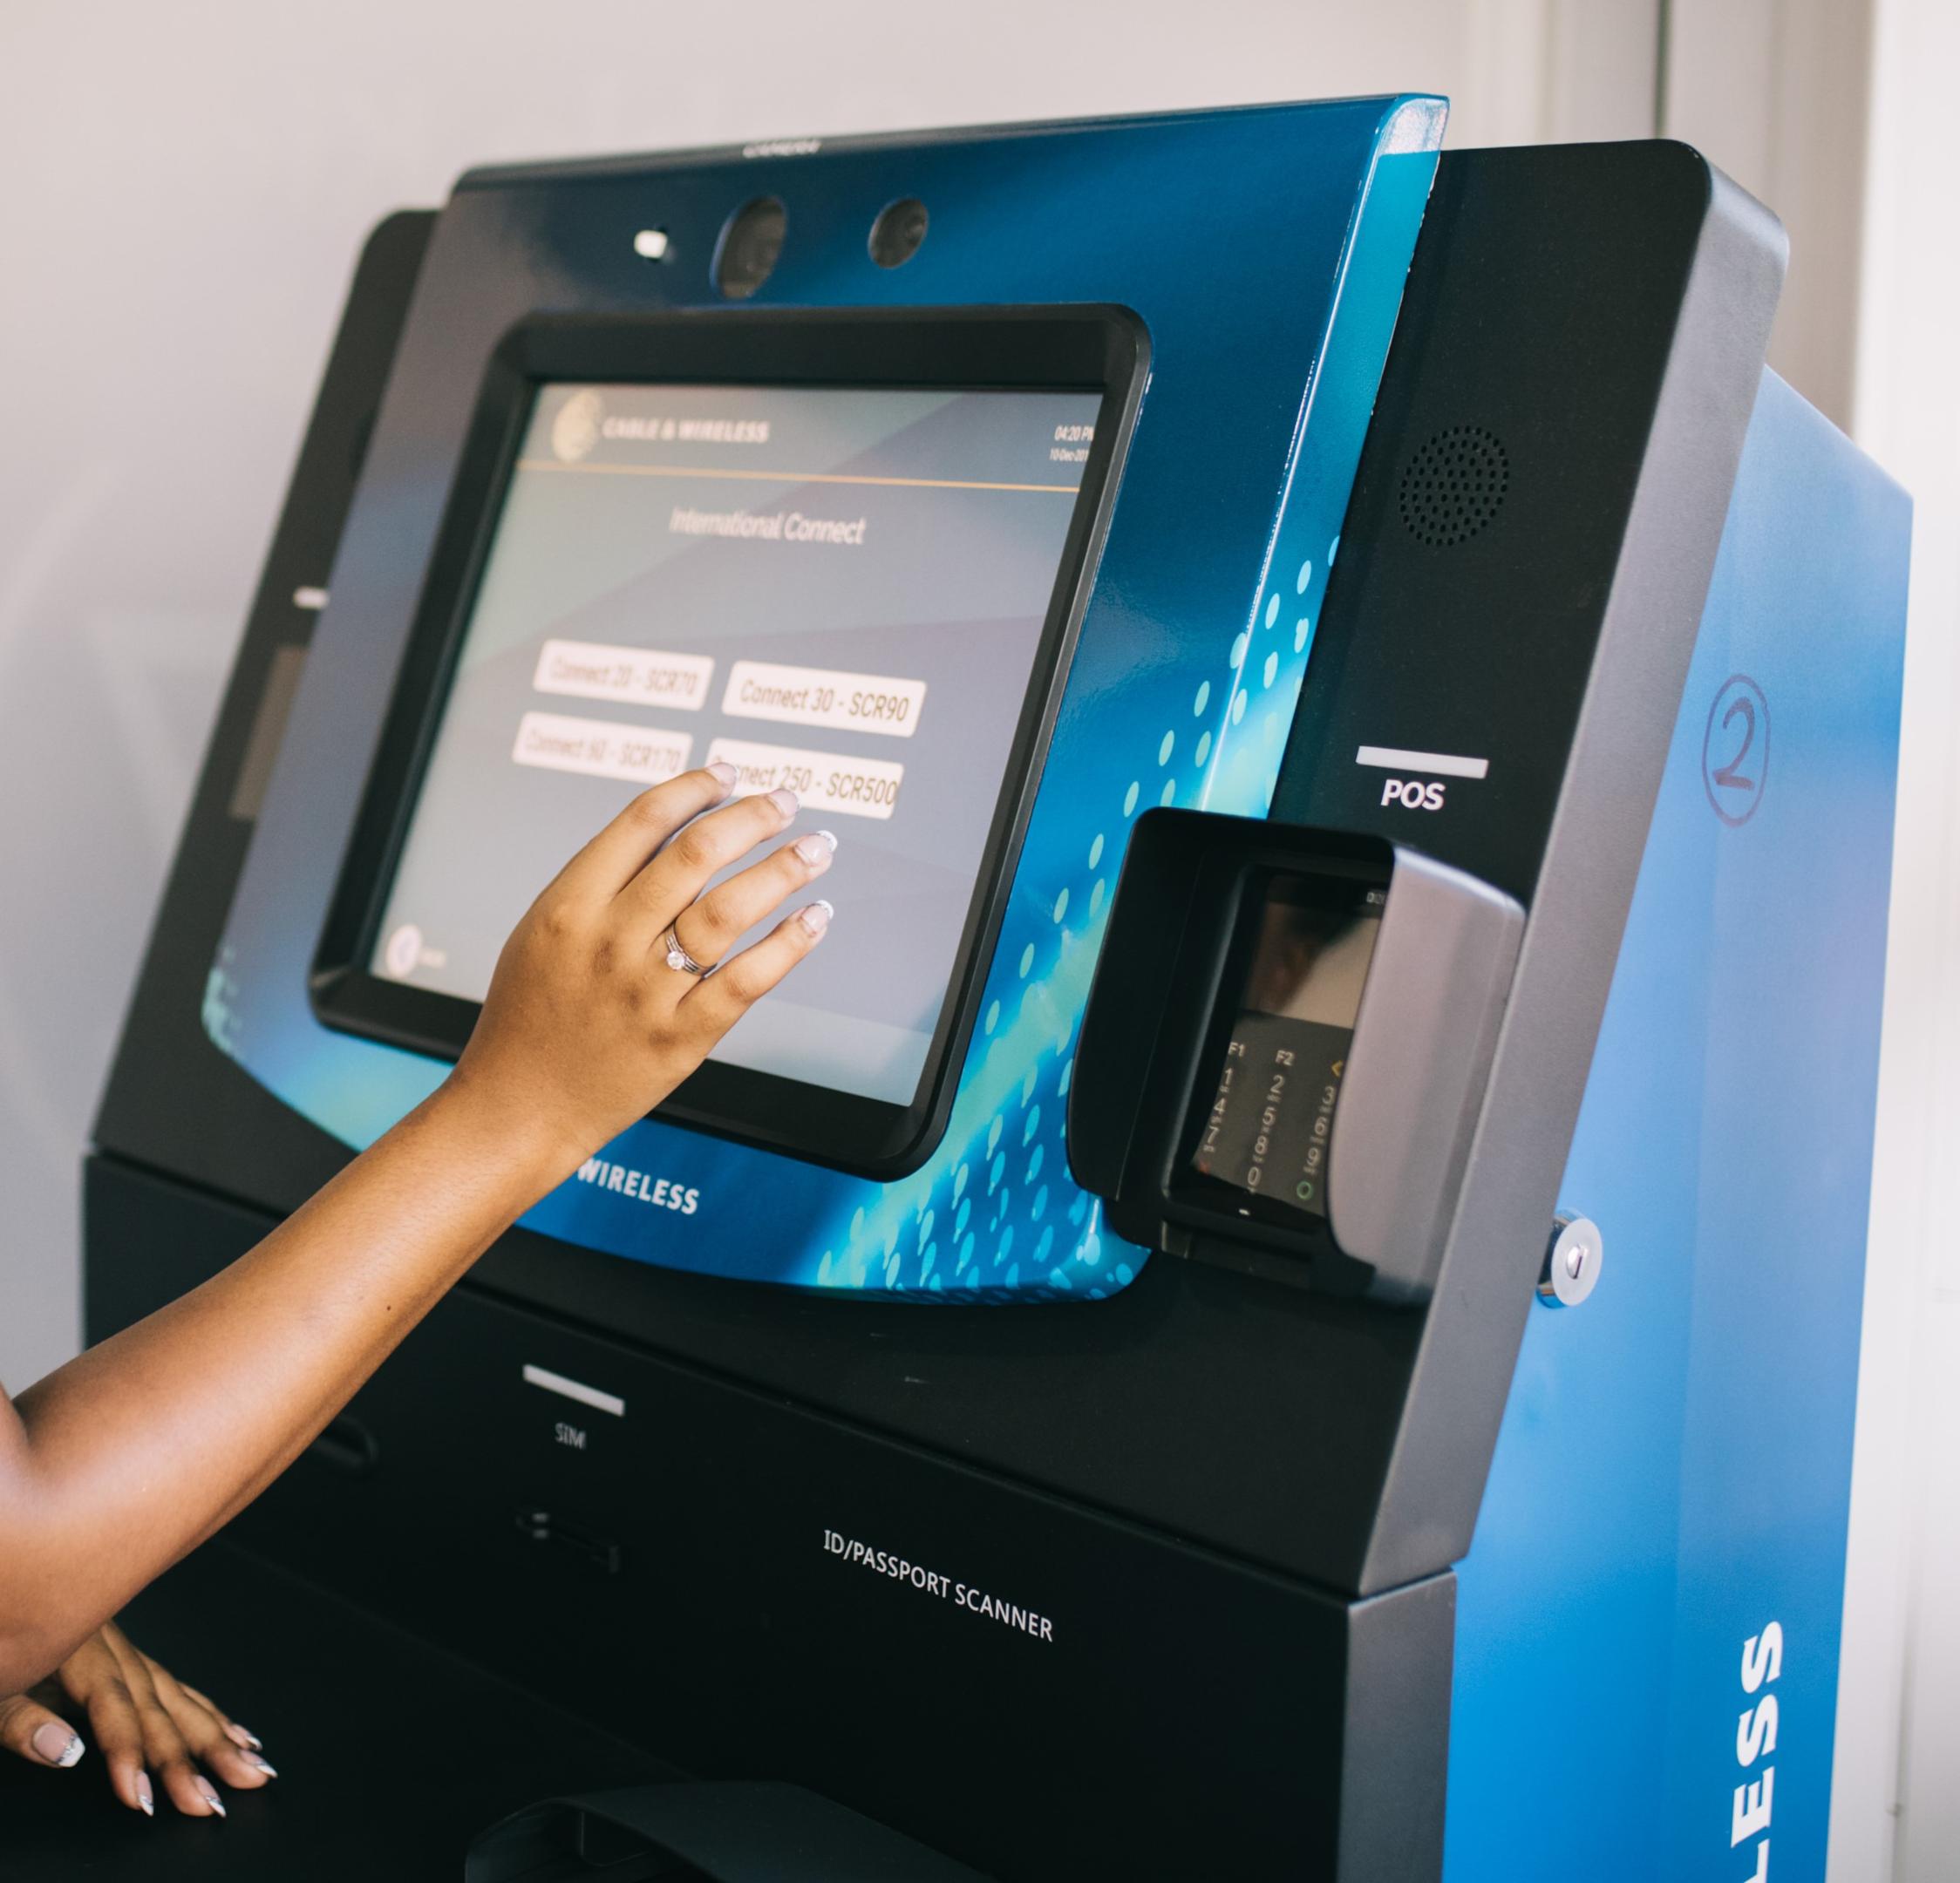 azimut/wavetec sim dispensing kiosk